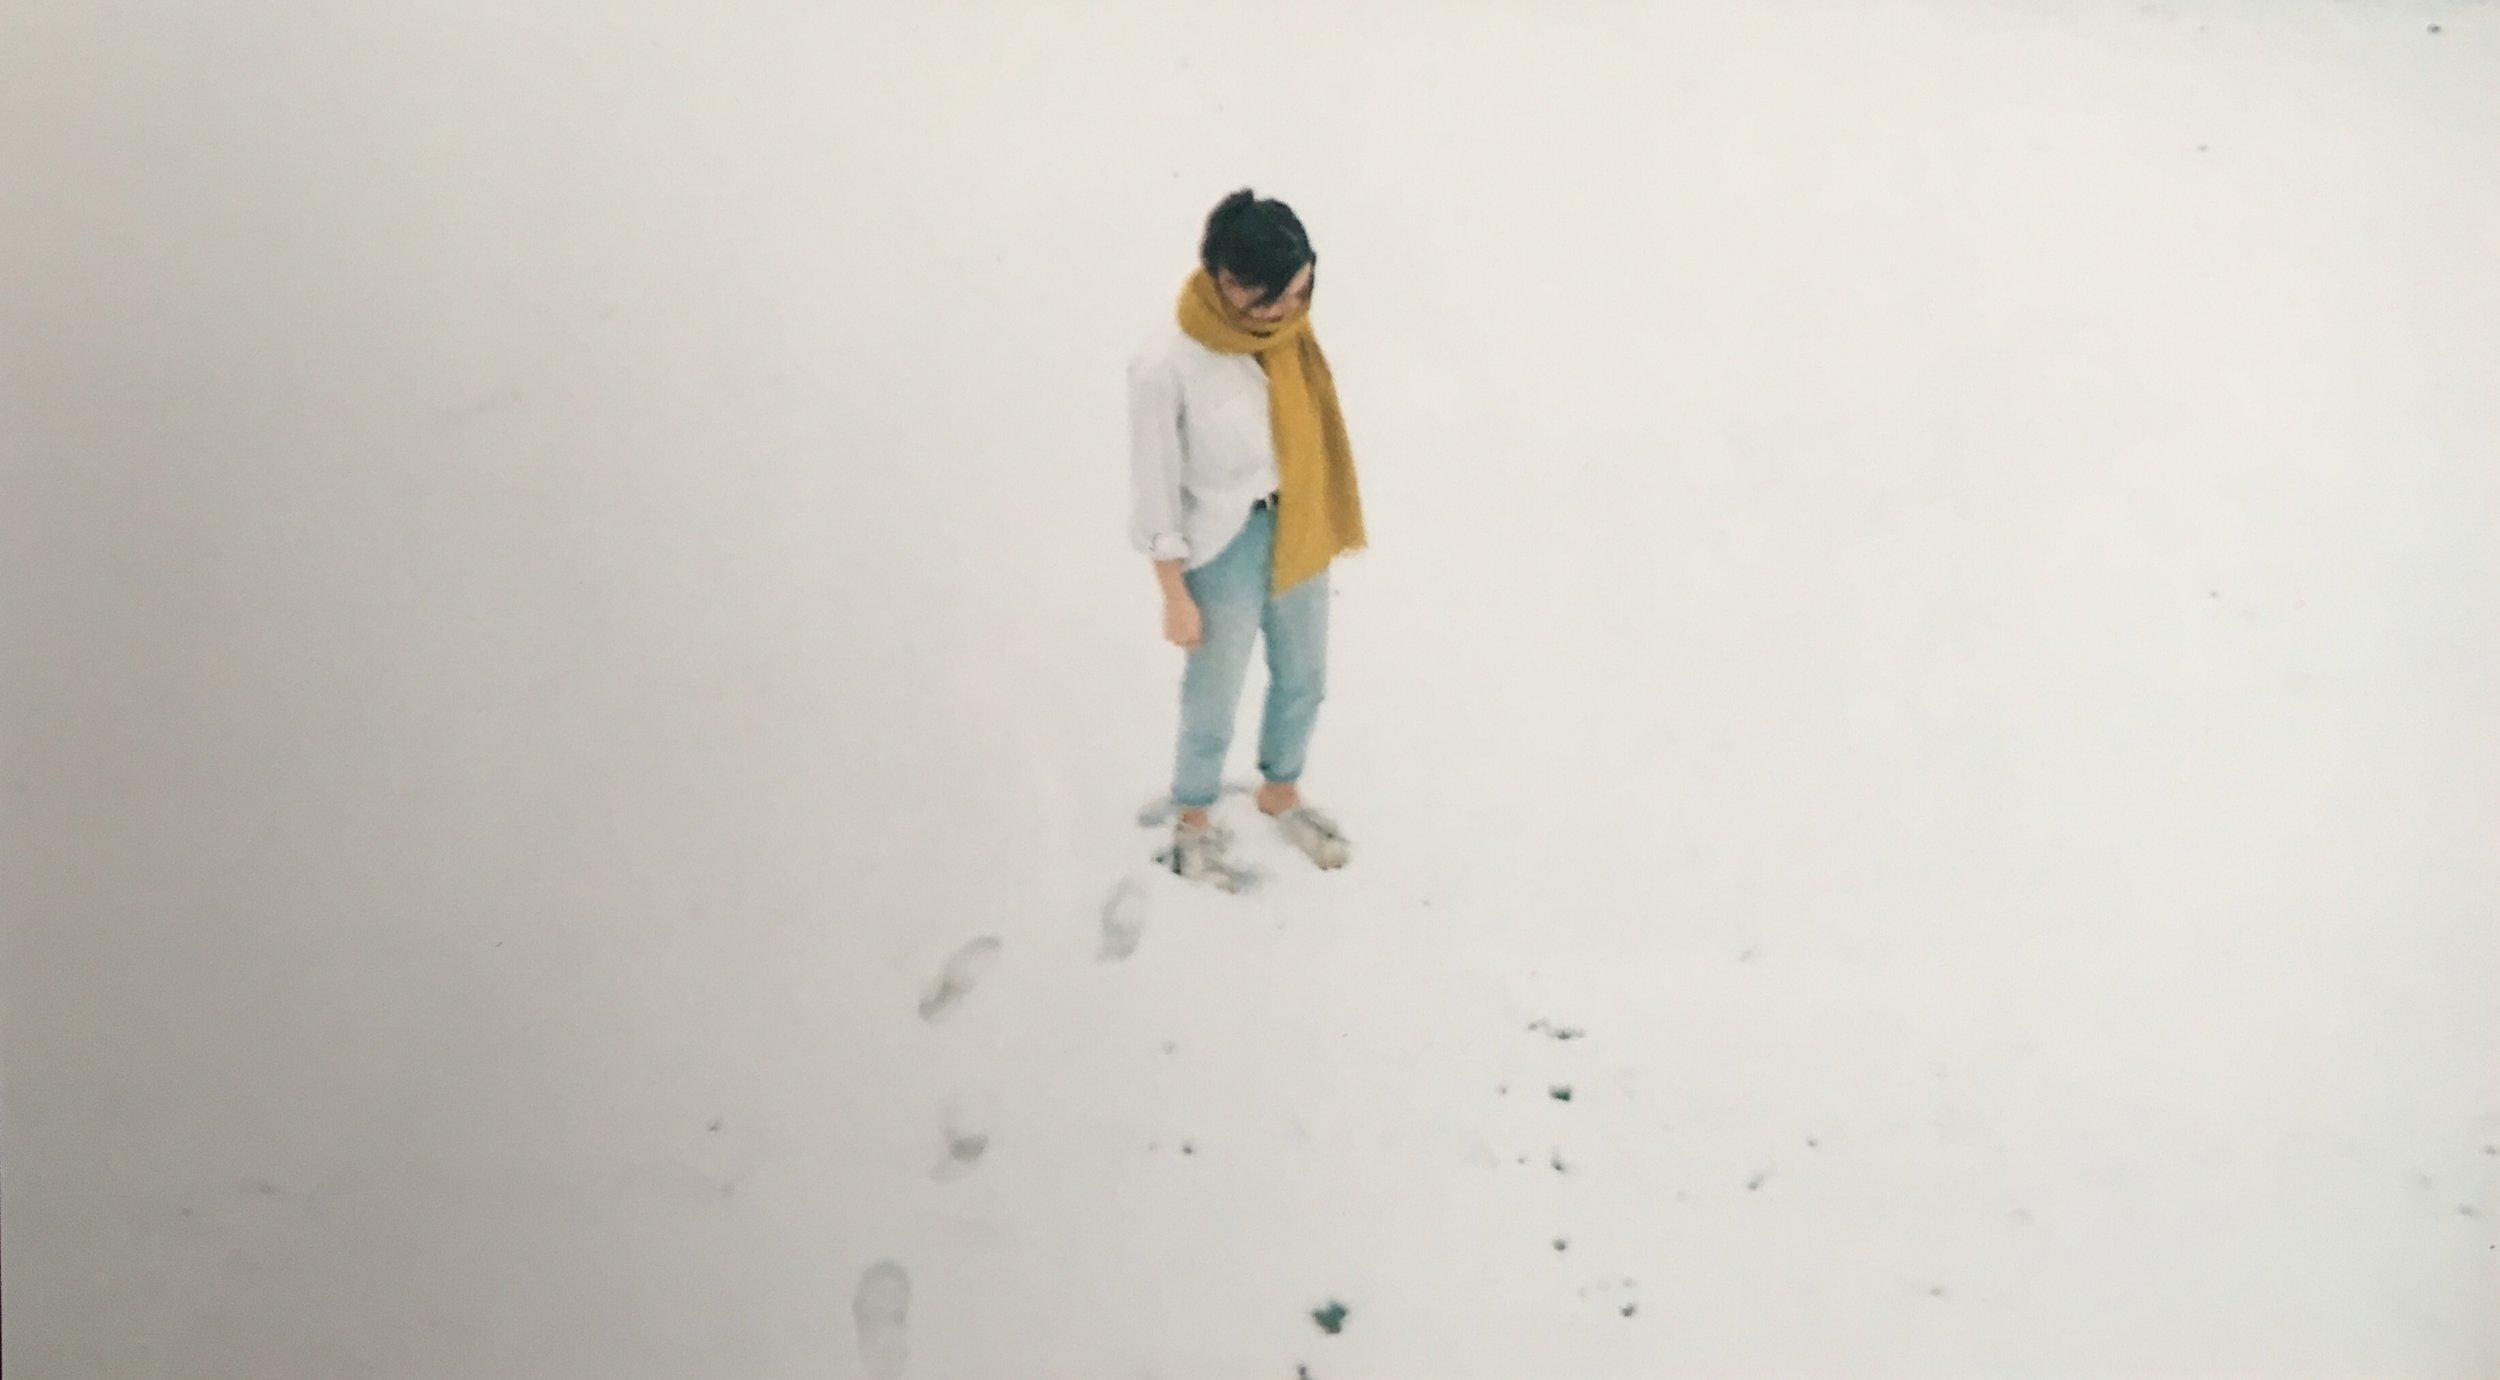 natashaion_snow_2.JPG